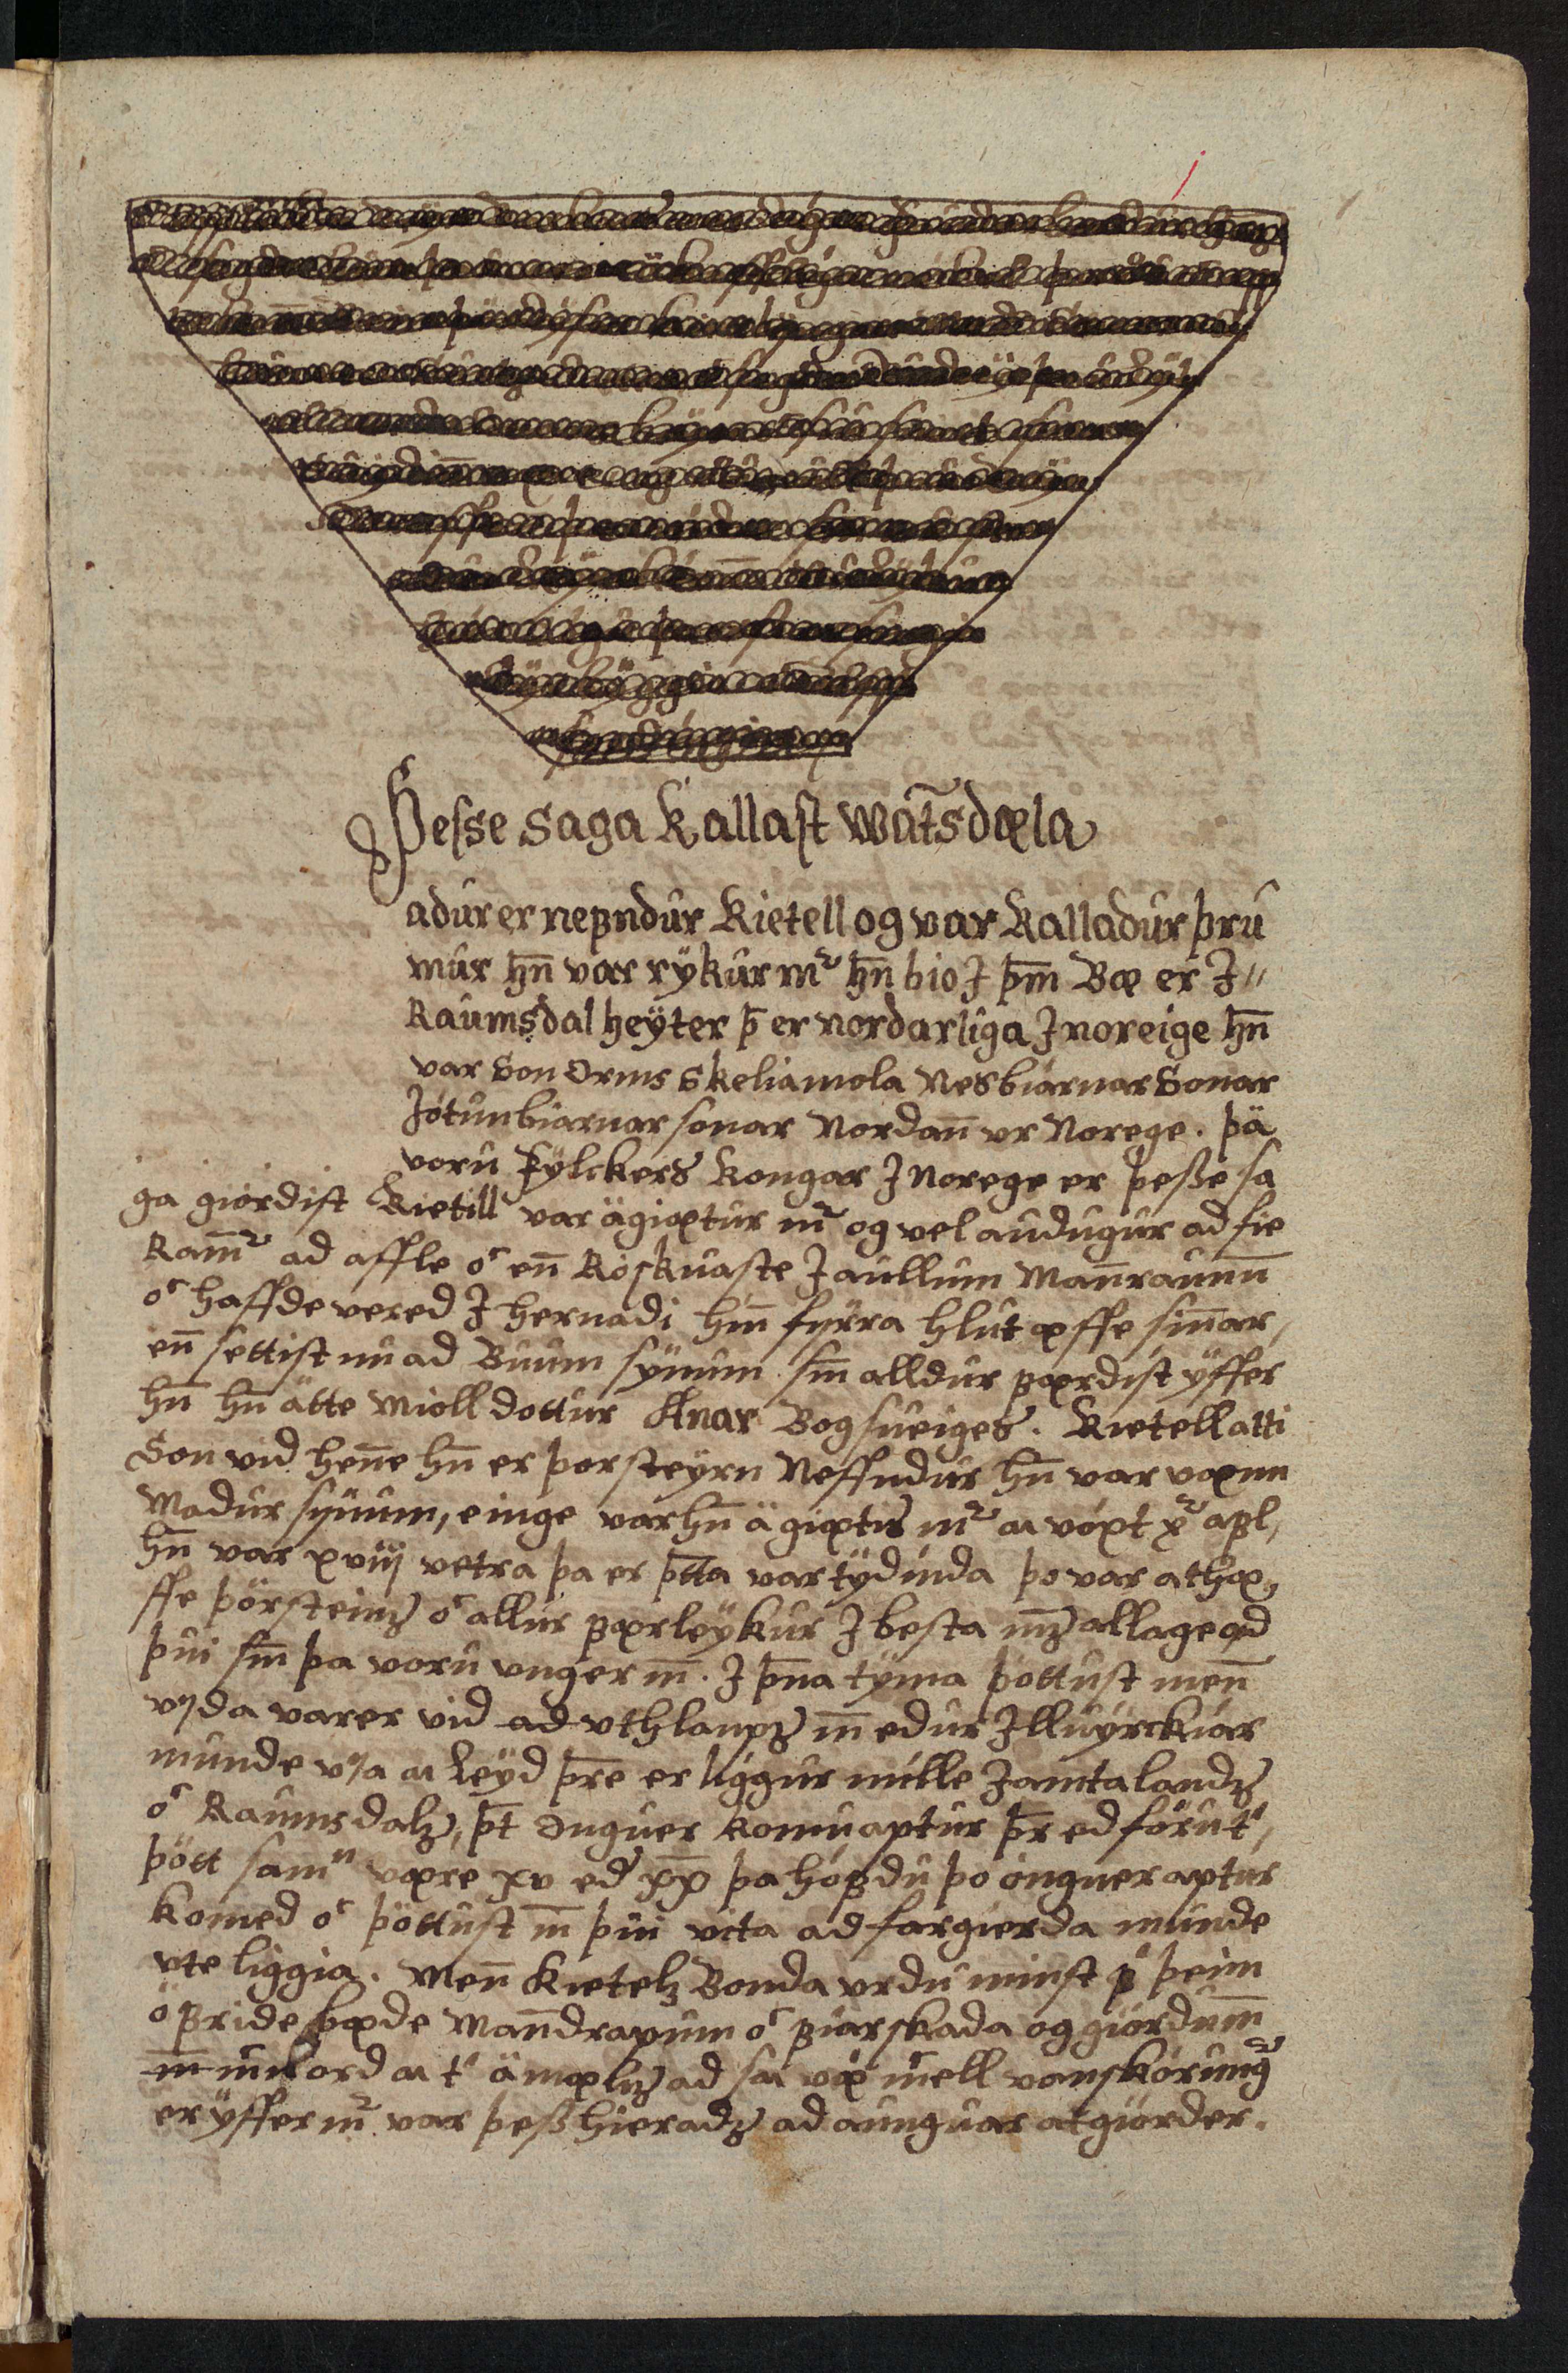 AM 138 fol - 1r